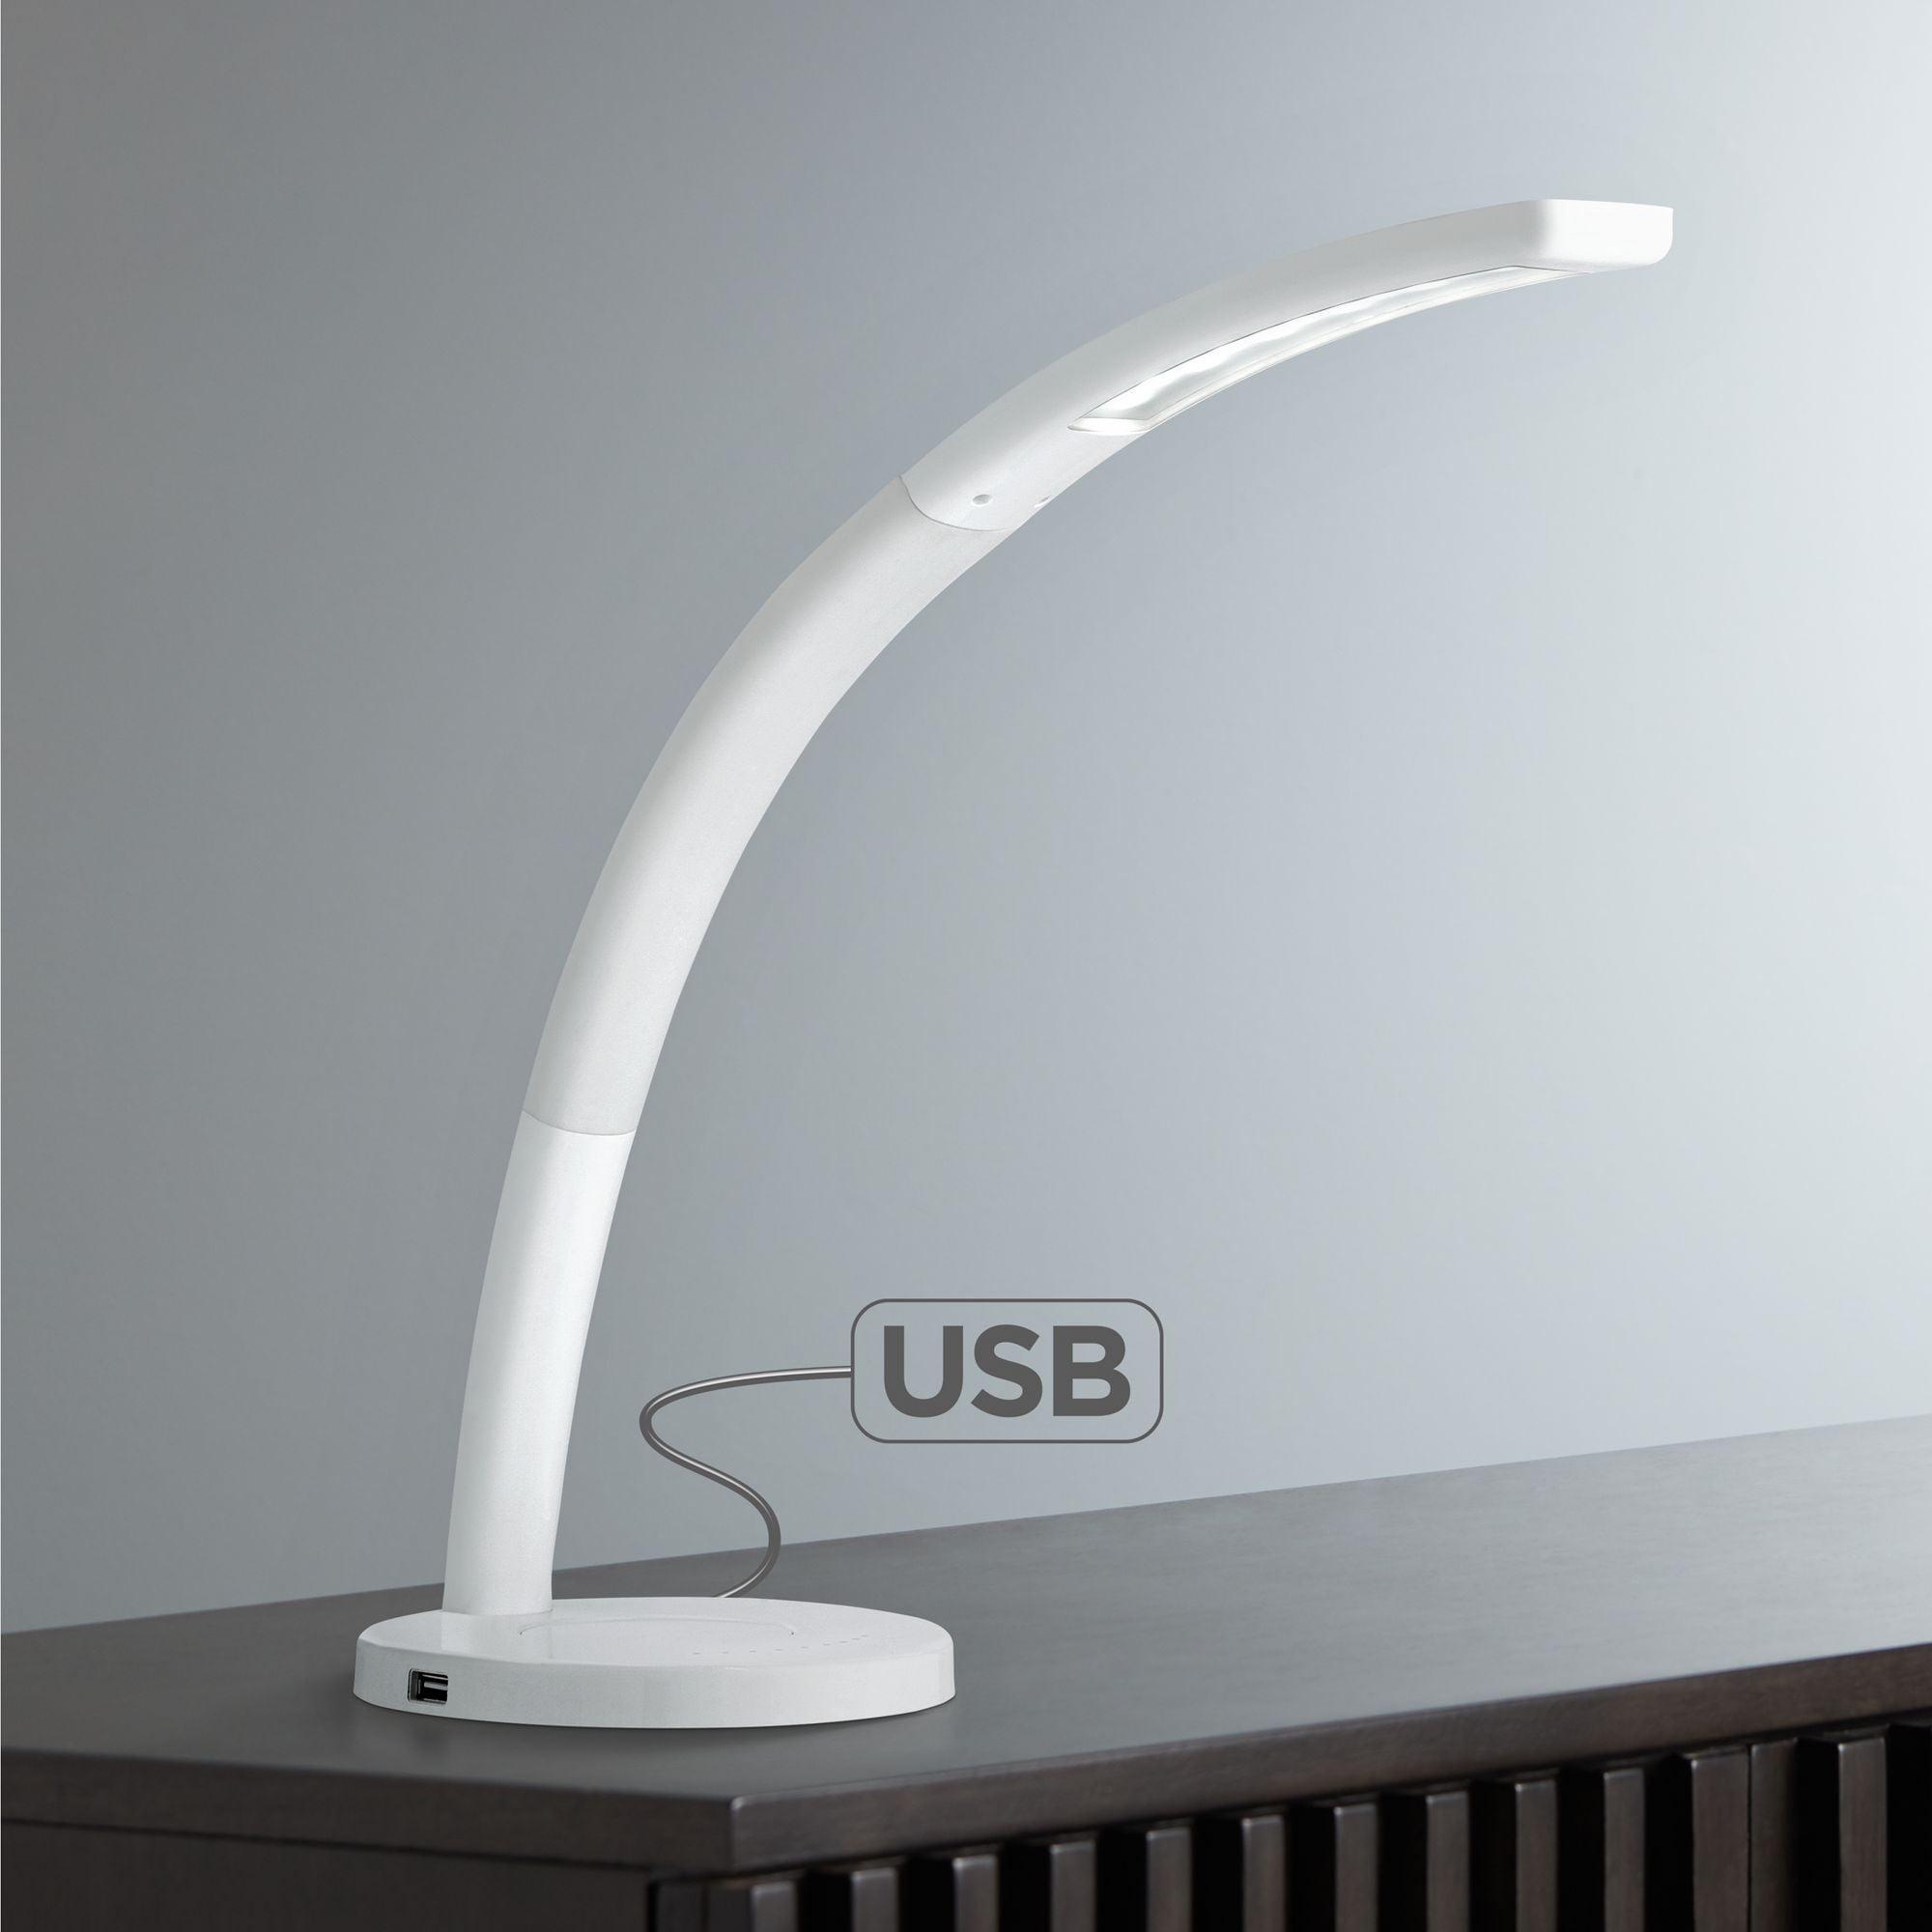 360 Lighting Spree White Led Desk Lamp With Usb Port